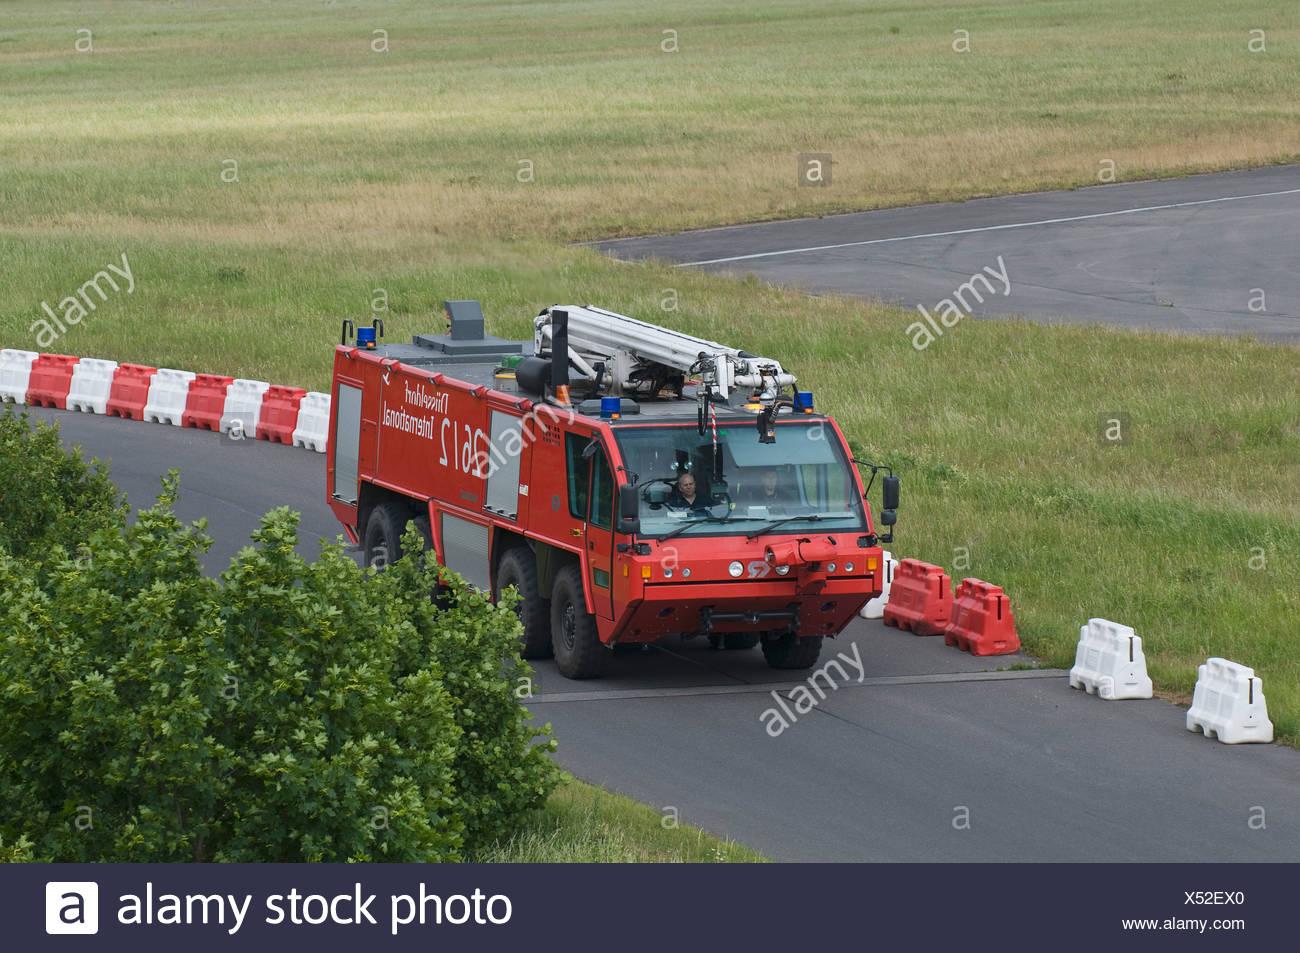 Veicolo di emergenza dei vigili del fuoco, Duesseldorf Aeroporto internazionale di Duesseldorf, nella Renania settentrionale-Vestfalia, Germania, Europa Immagini Stock